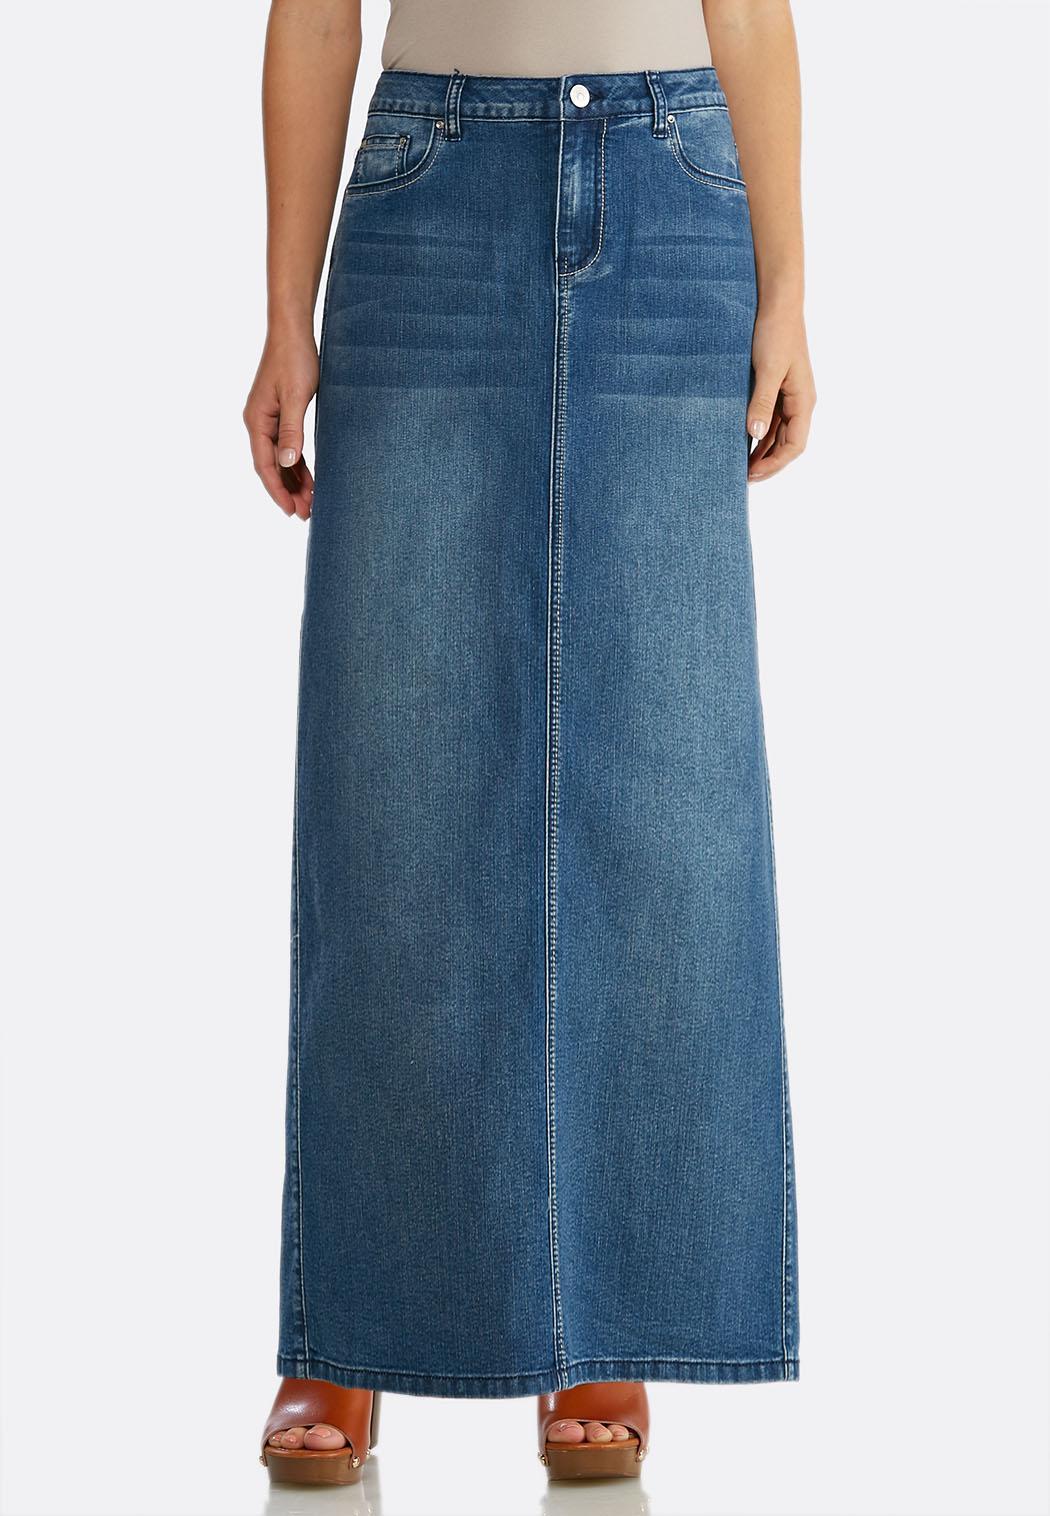 84d668346a523 Plus Size Women s Clothing